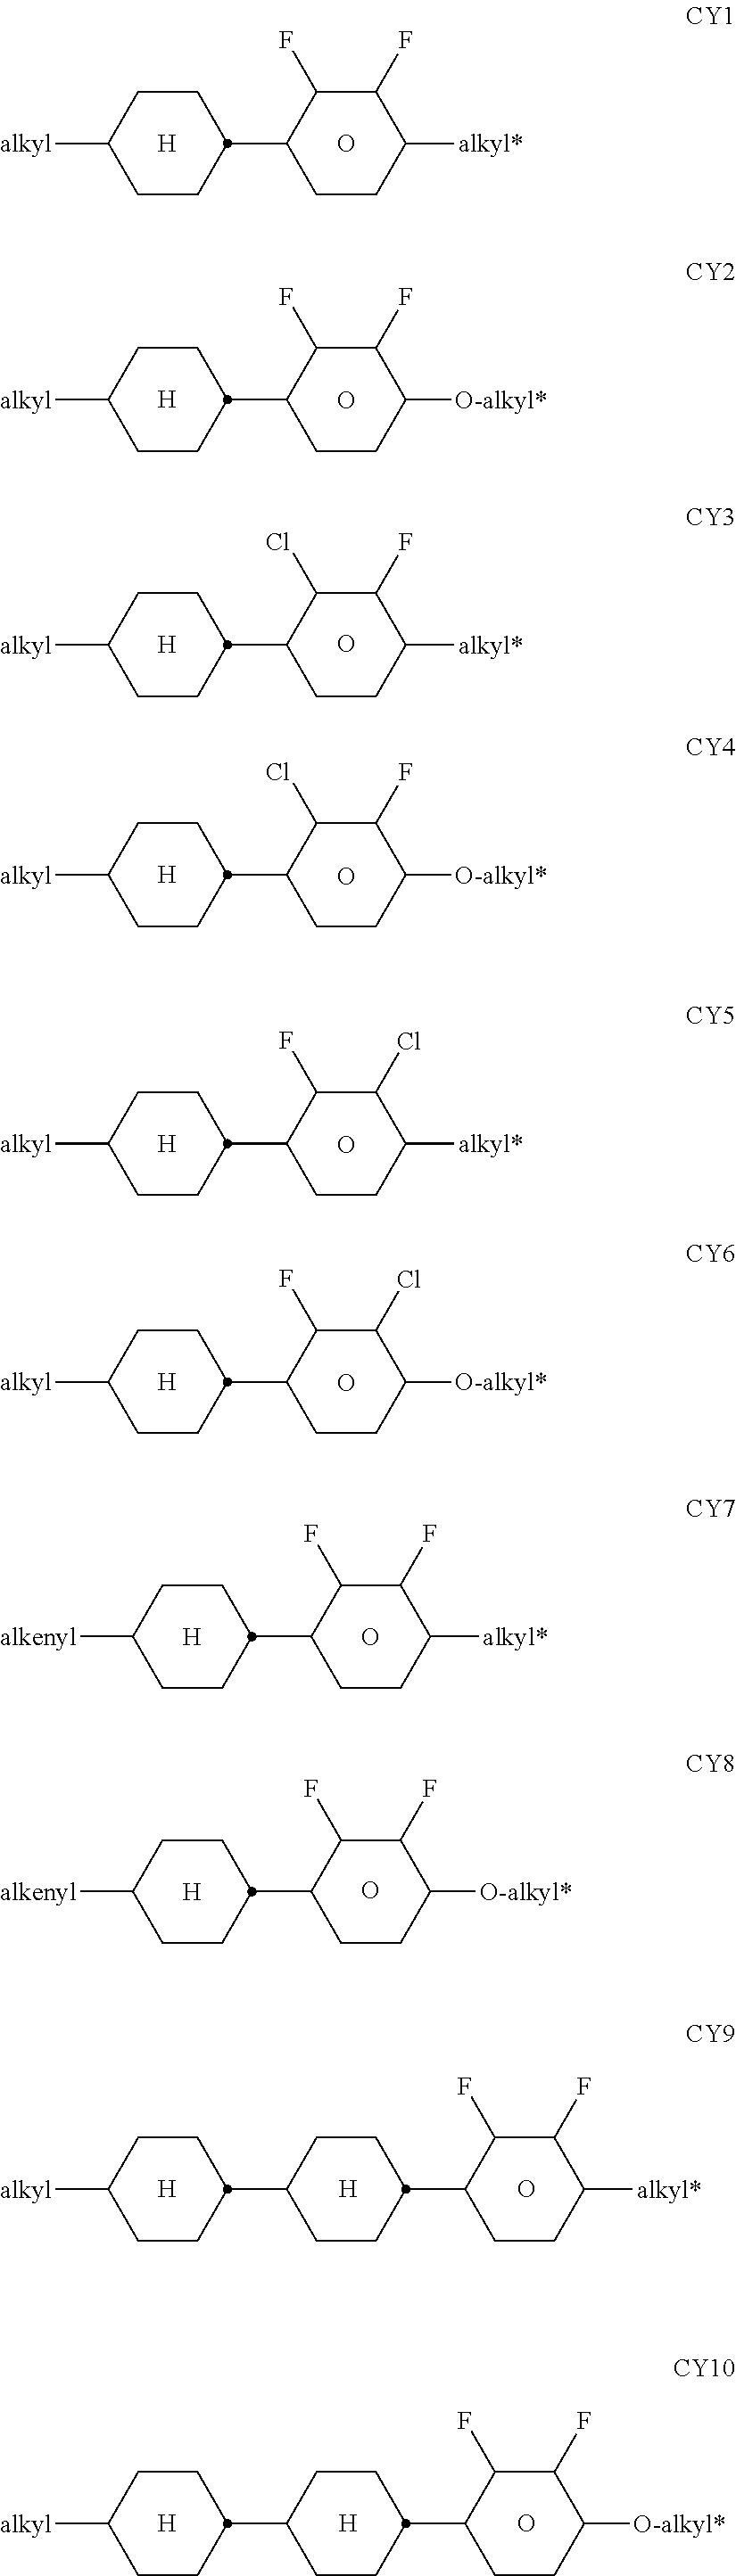 Figure US20110051049A1-20110303-C00012